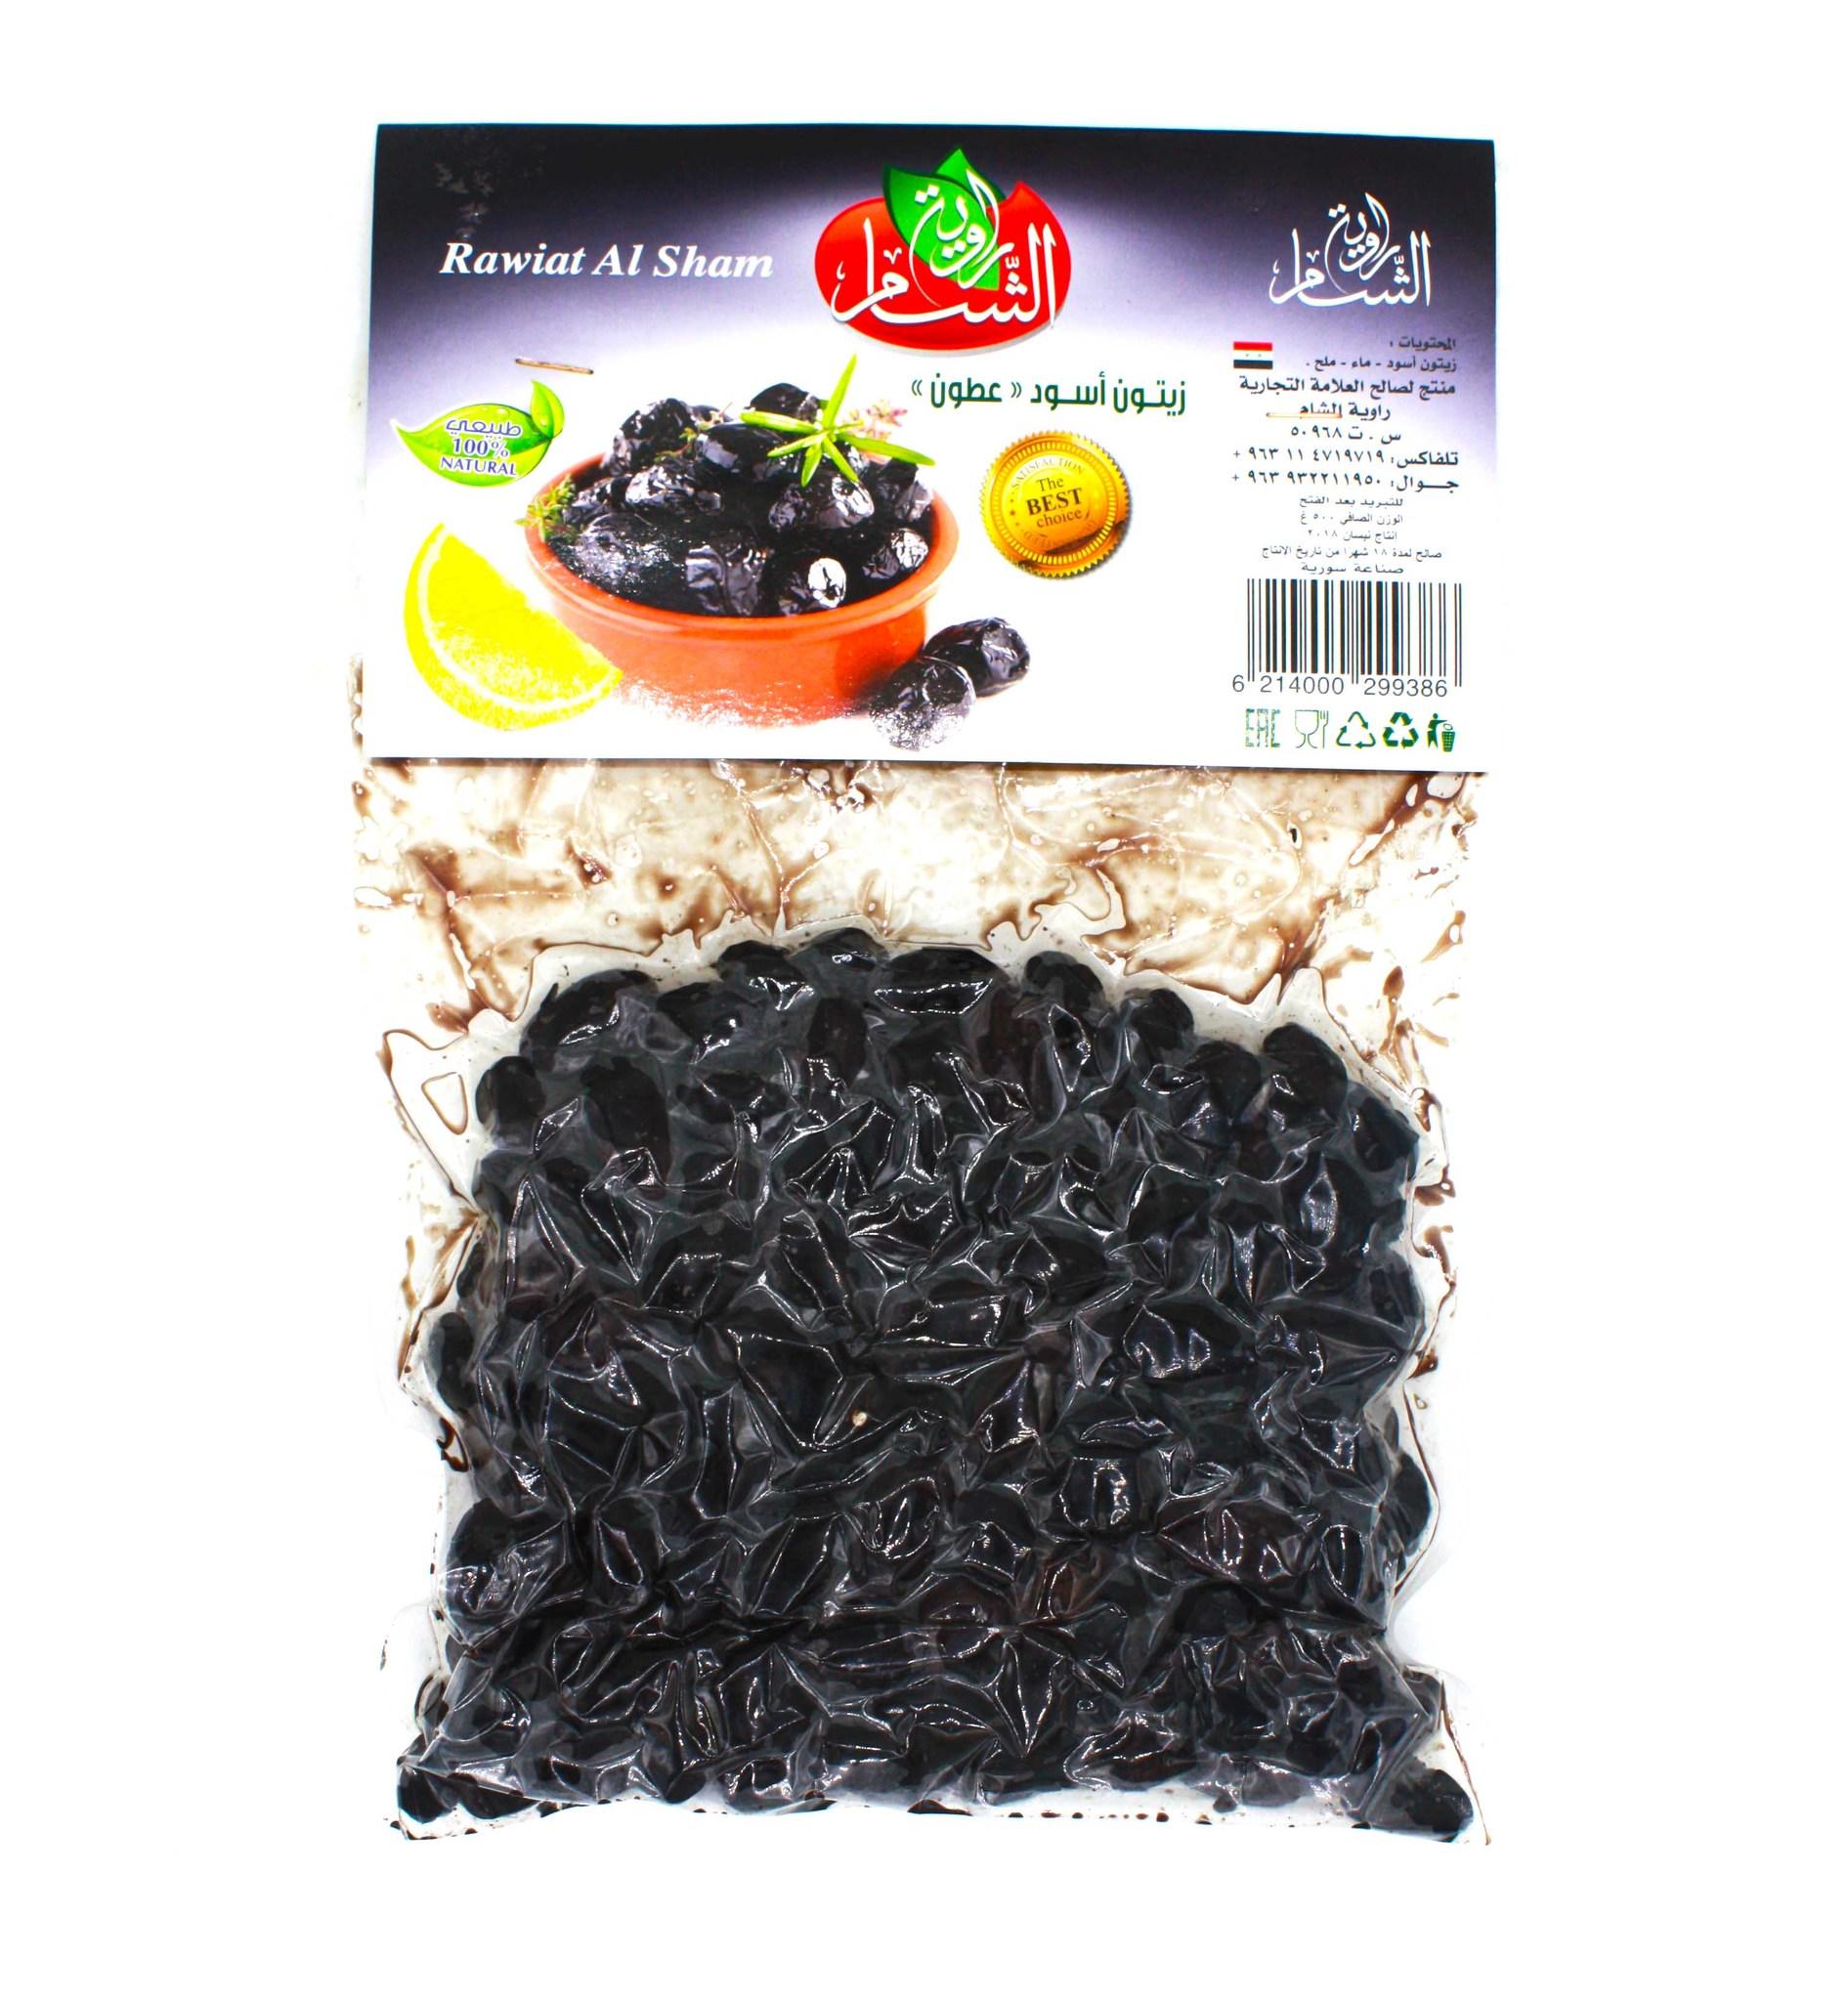 Оливки Оливки черные в вакууме, Rawiat Al Sham, 500 г import_files_a2_a24b6a3f67e911e89d8f448a5b3752ae_da0404cb657a11e8a996484d7ecee297.jpg